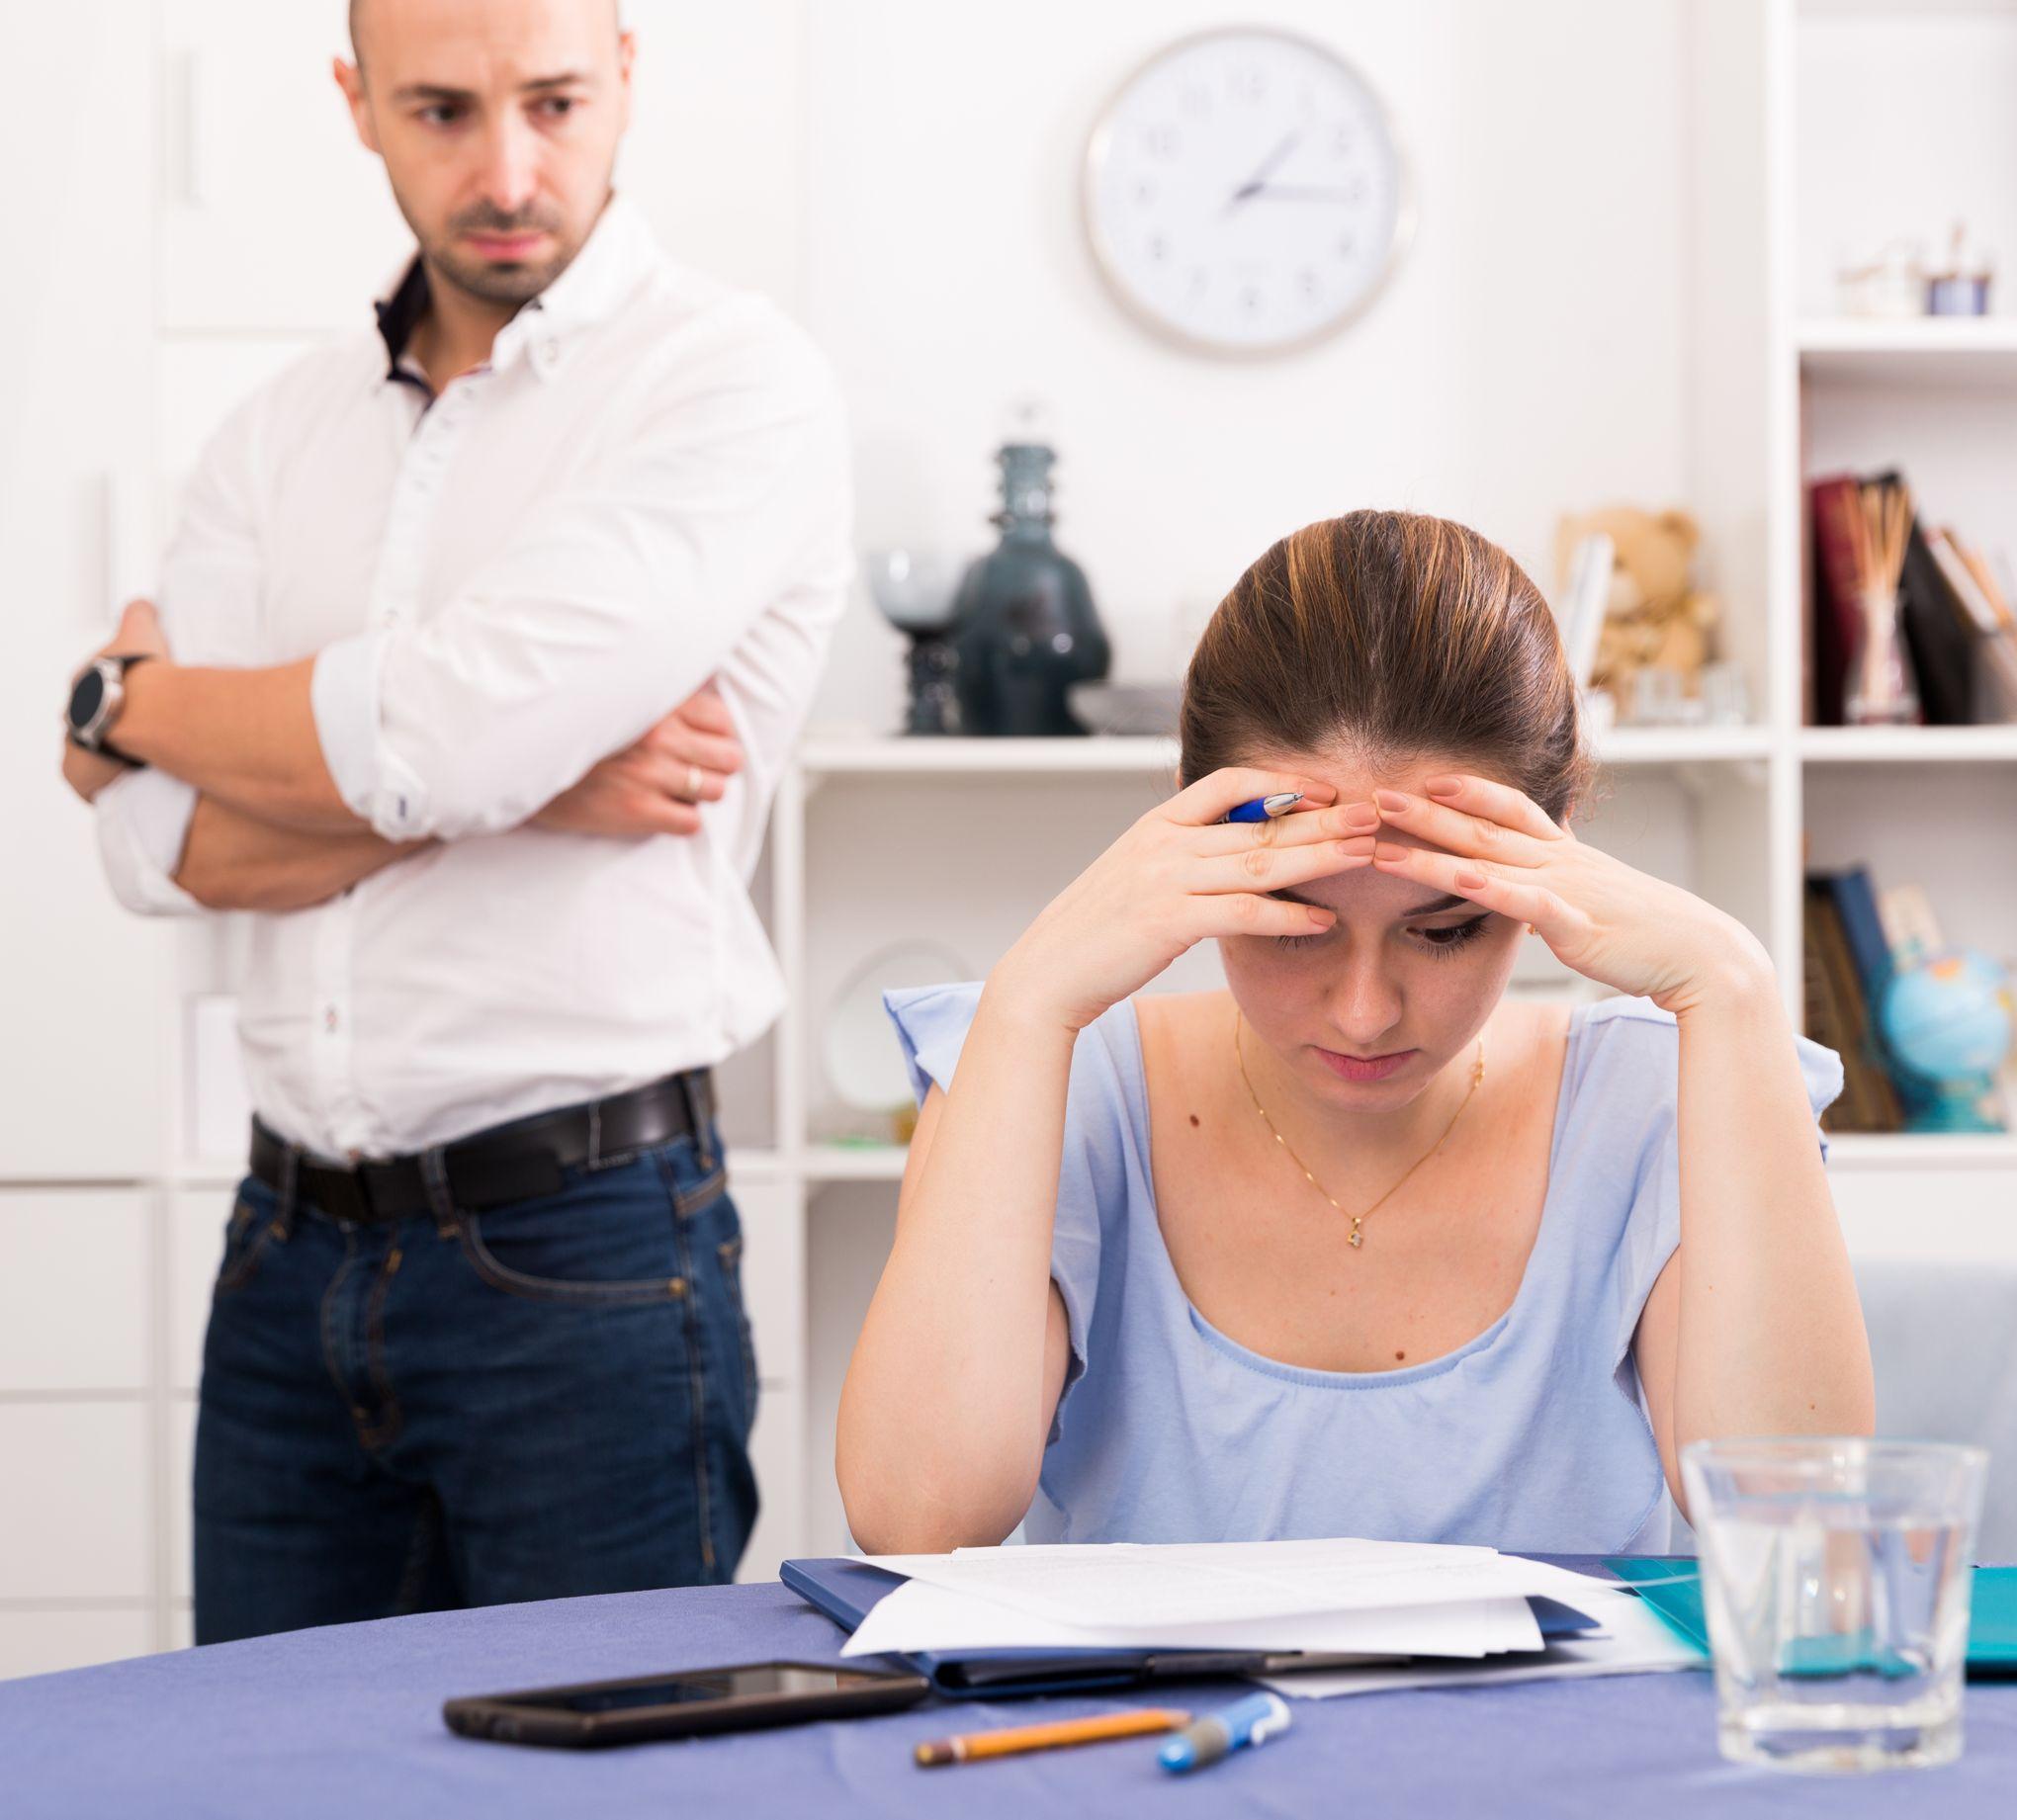 L'ex-époux qui a fait le plus gros apport récupère le bien immobilier